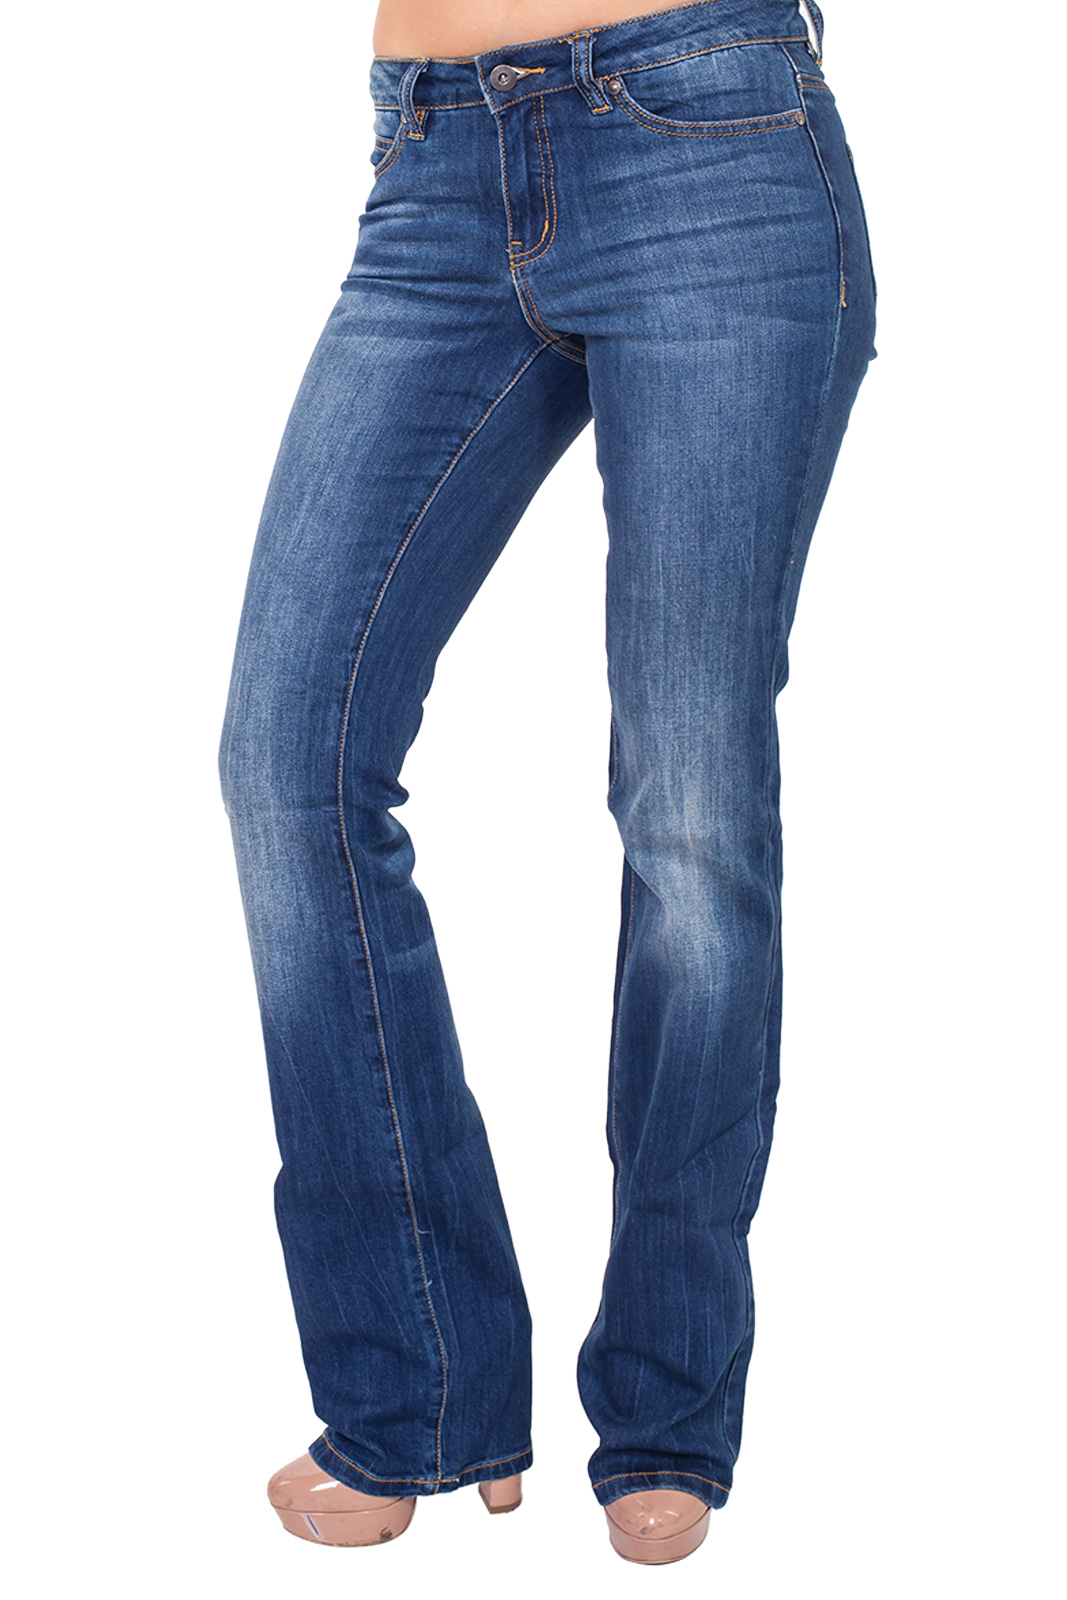 Купить в интернете женские джинсы клеш